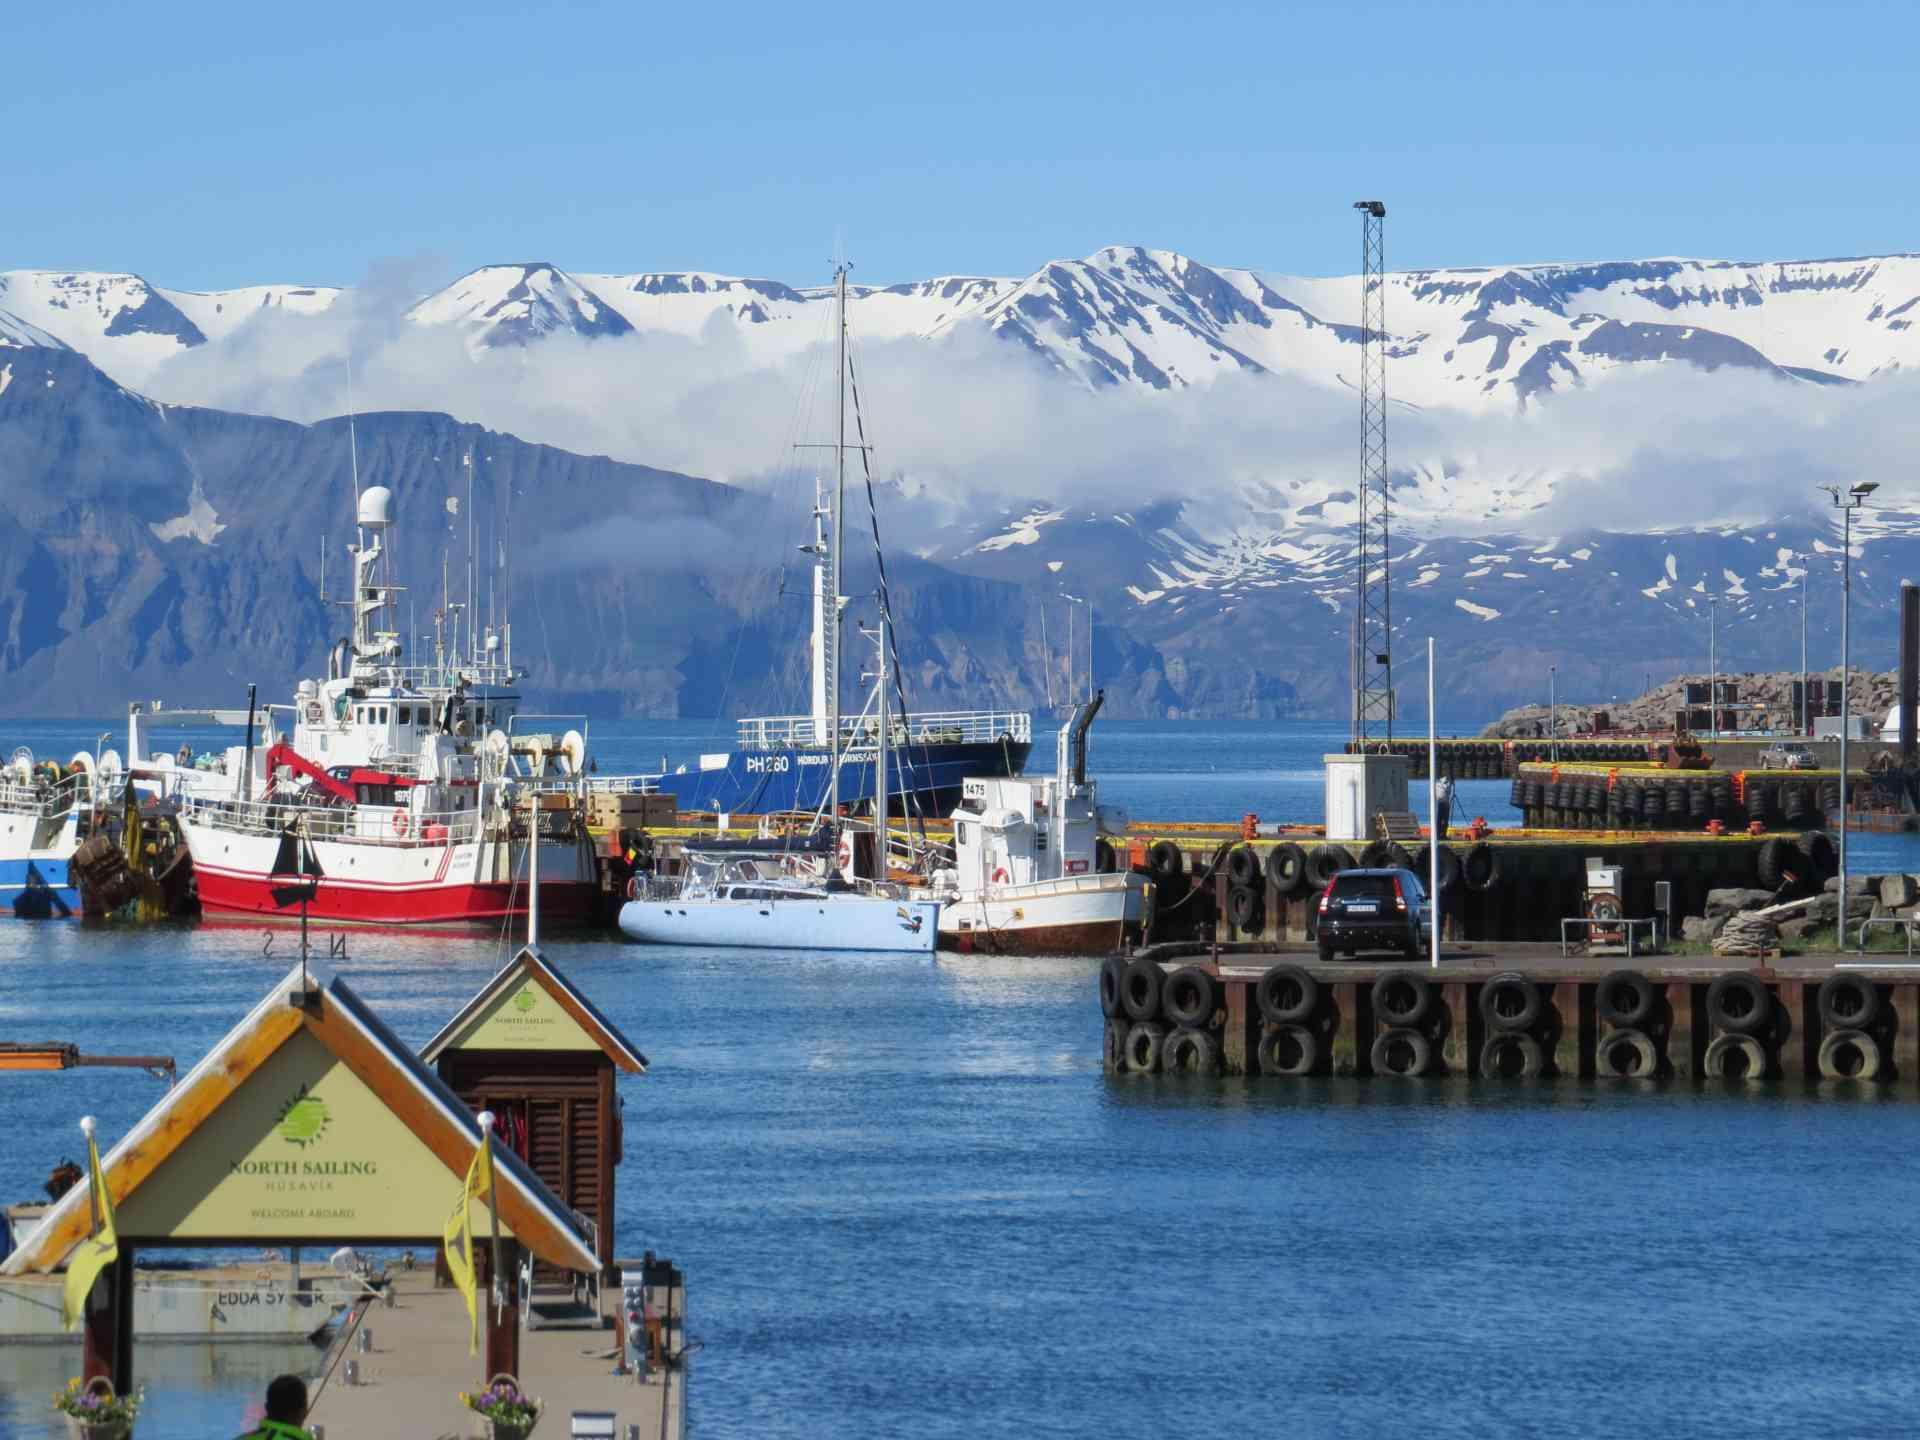 Husavik, Iceland by Marion Bunnik